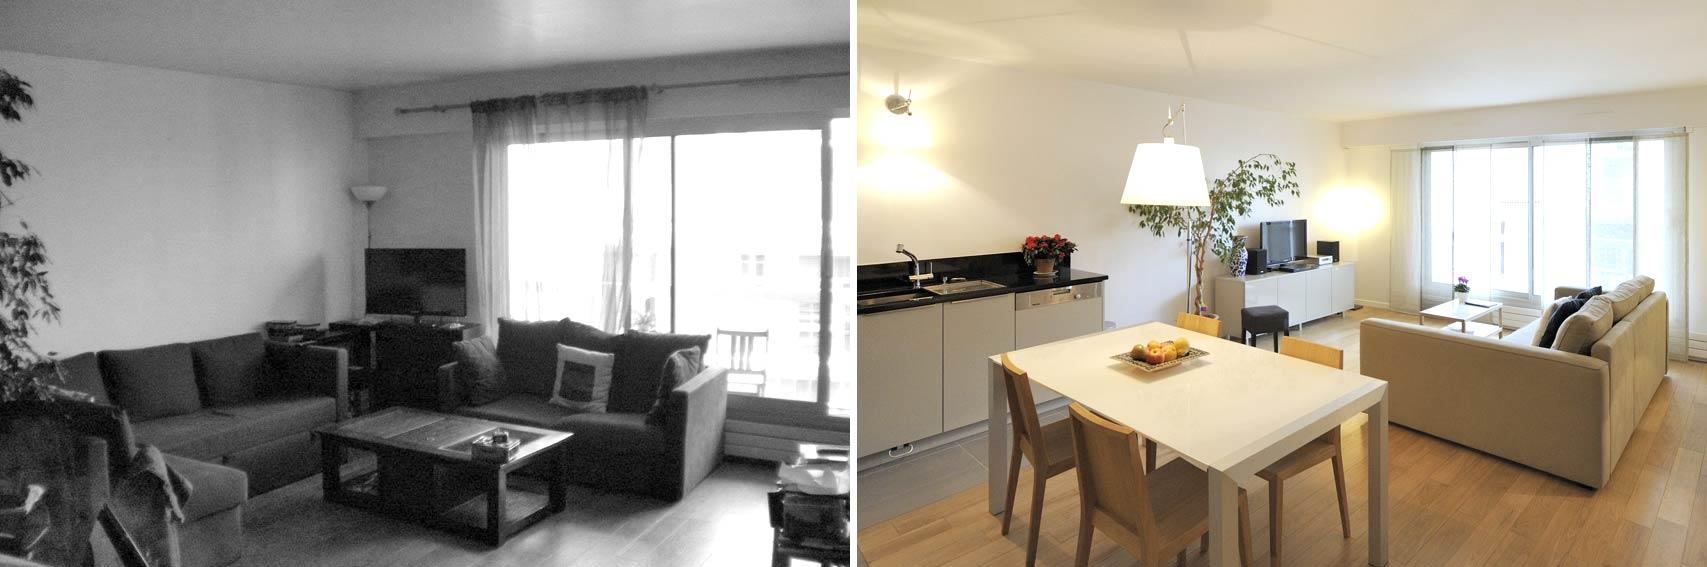 avant apr s am nagement appartement 4 pi ces 90m2. Black Bedroom Furniture Sets. Home Design Ideas